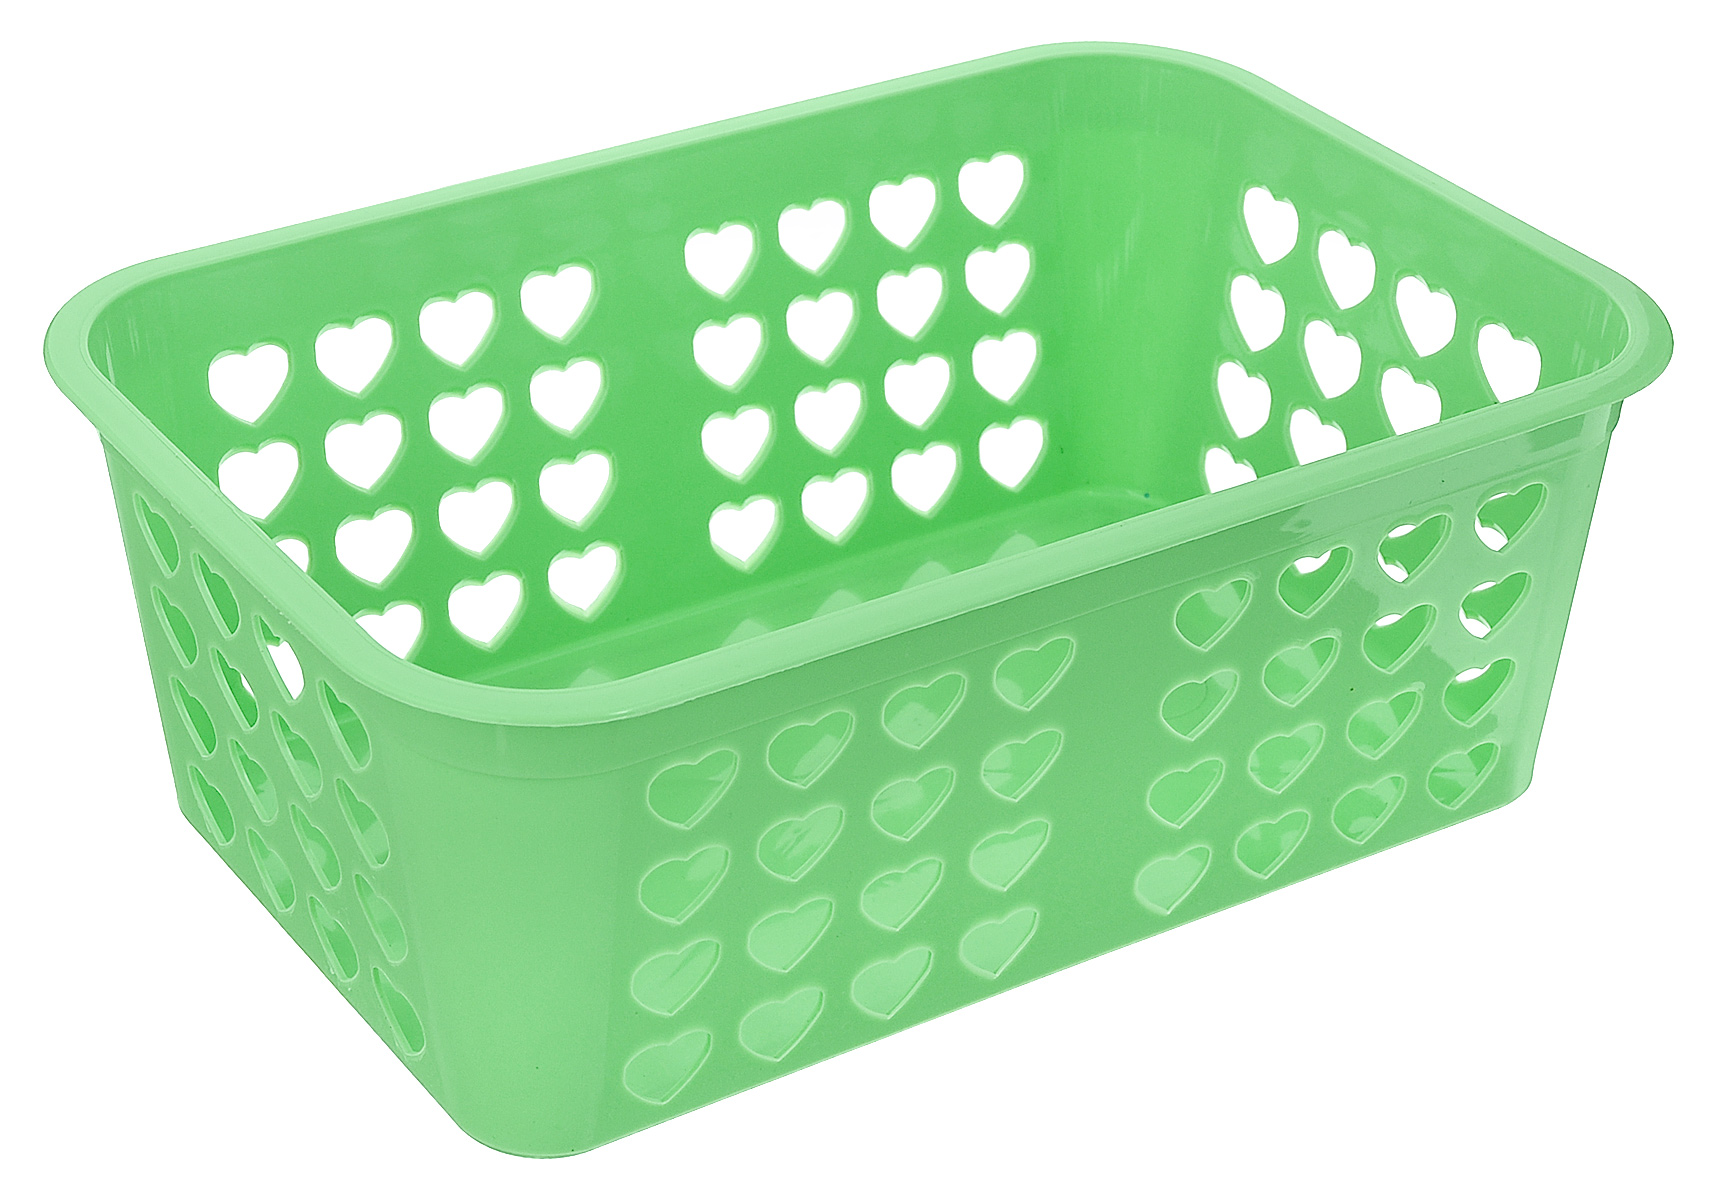 Корзина для хранения Альтернатива Вдохновение, цвет: салатовый, 26,5 х 16,5 х 10 смМ471_салатовыйПрямоугольная корзина Альтернатива Вдохновение, изготовленная из пластика, предназначена для хранения мелочей в ванной, на кухне, даче или гараже. Корзина со сплошным дном, оснащена перфорированными стенками.Элегантный выдержанный дизайн позволяет органично вписаться в ваш интерьер и стать его элементом.